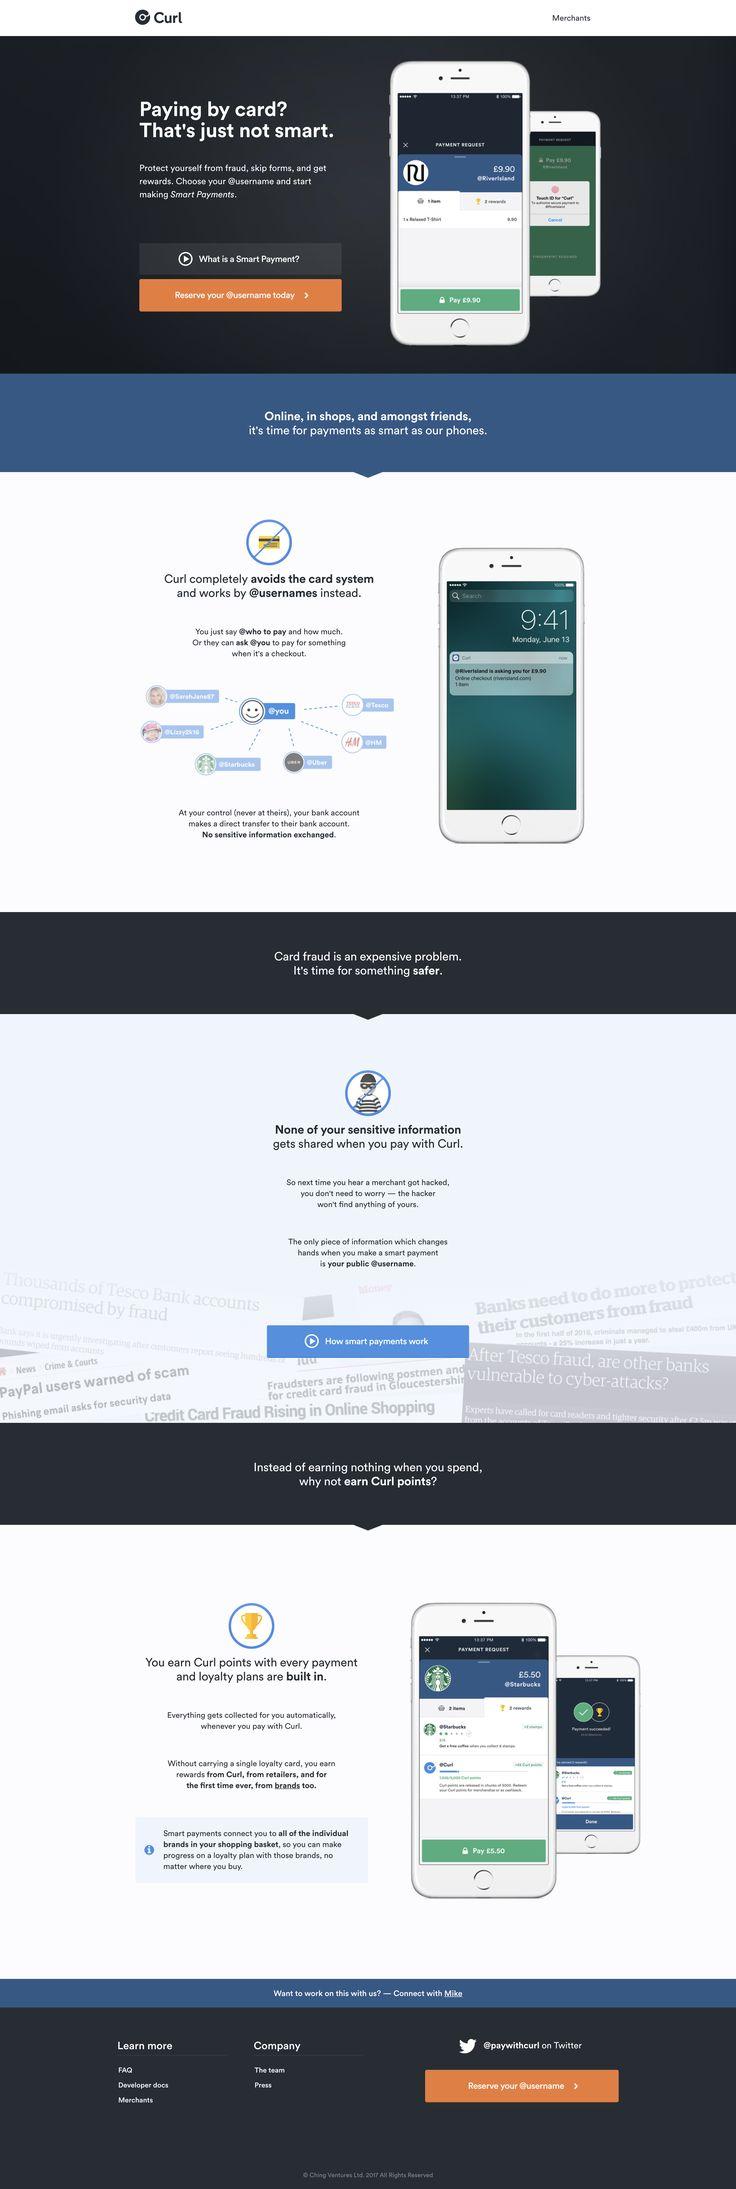 Curl. Web design